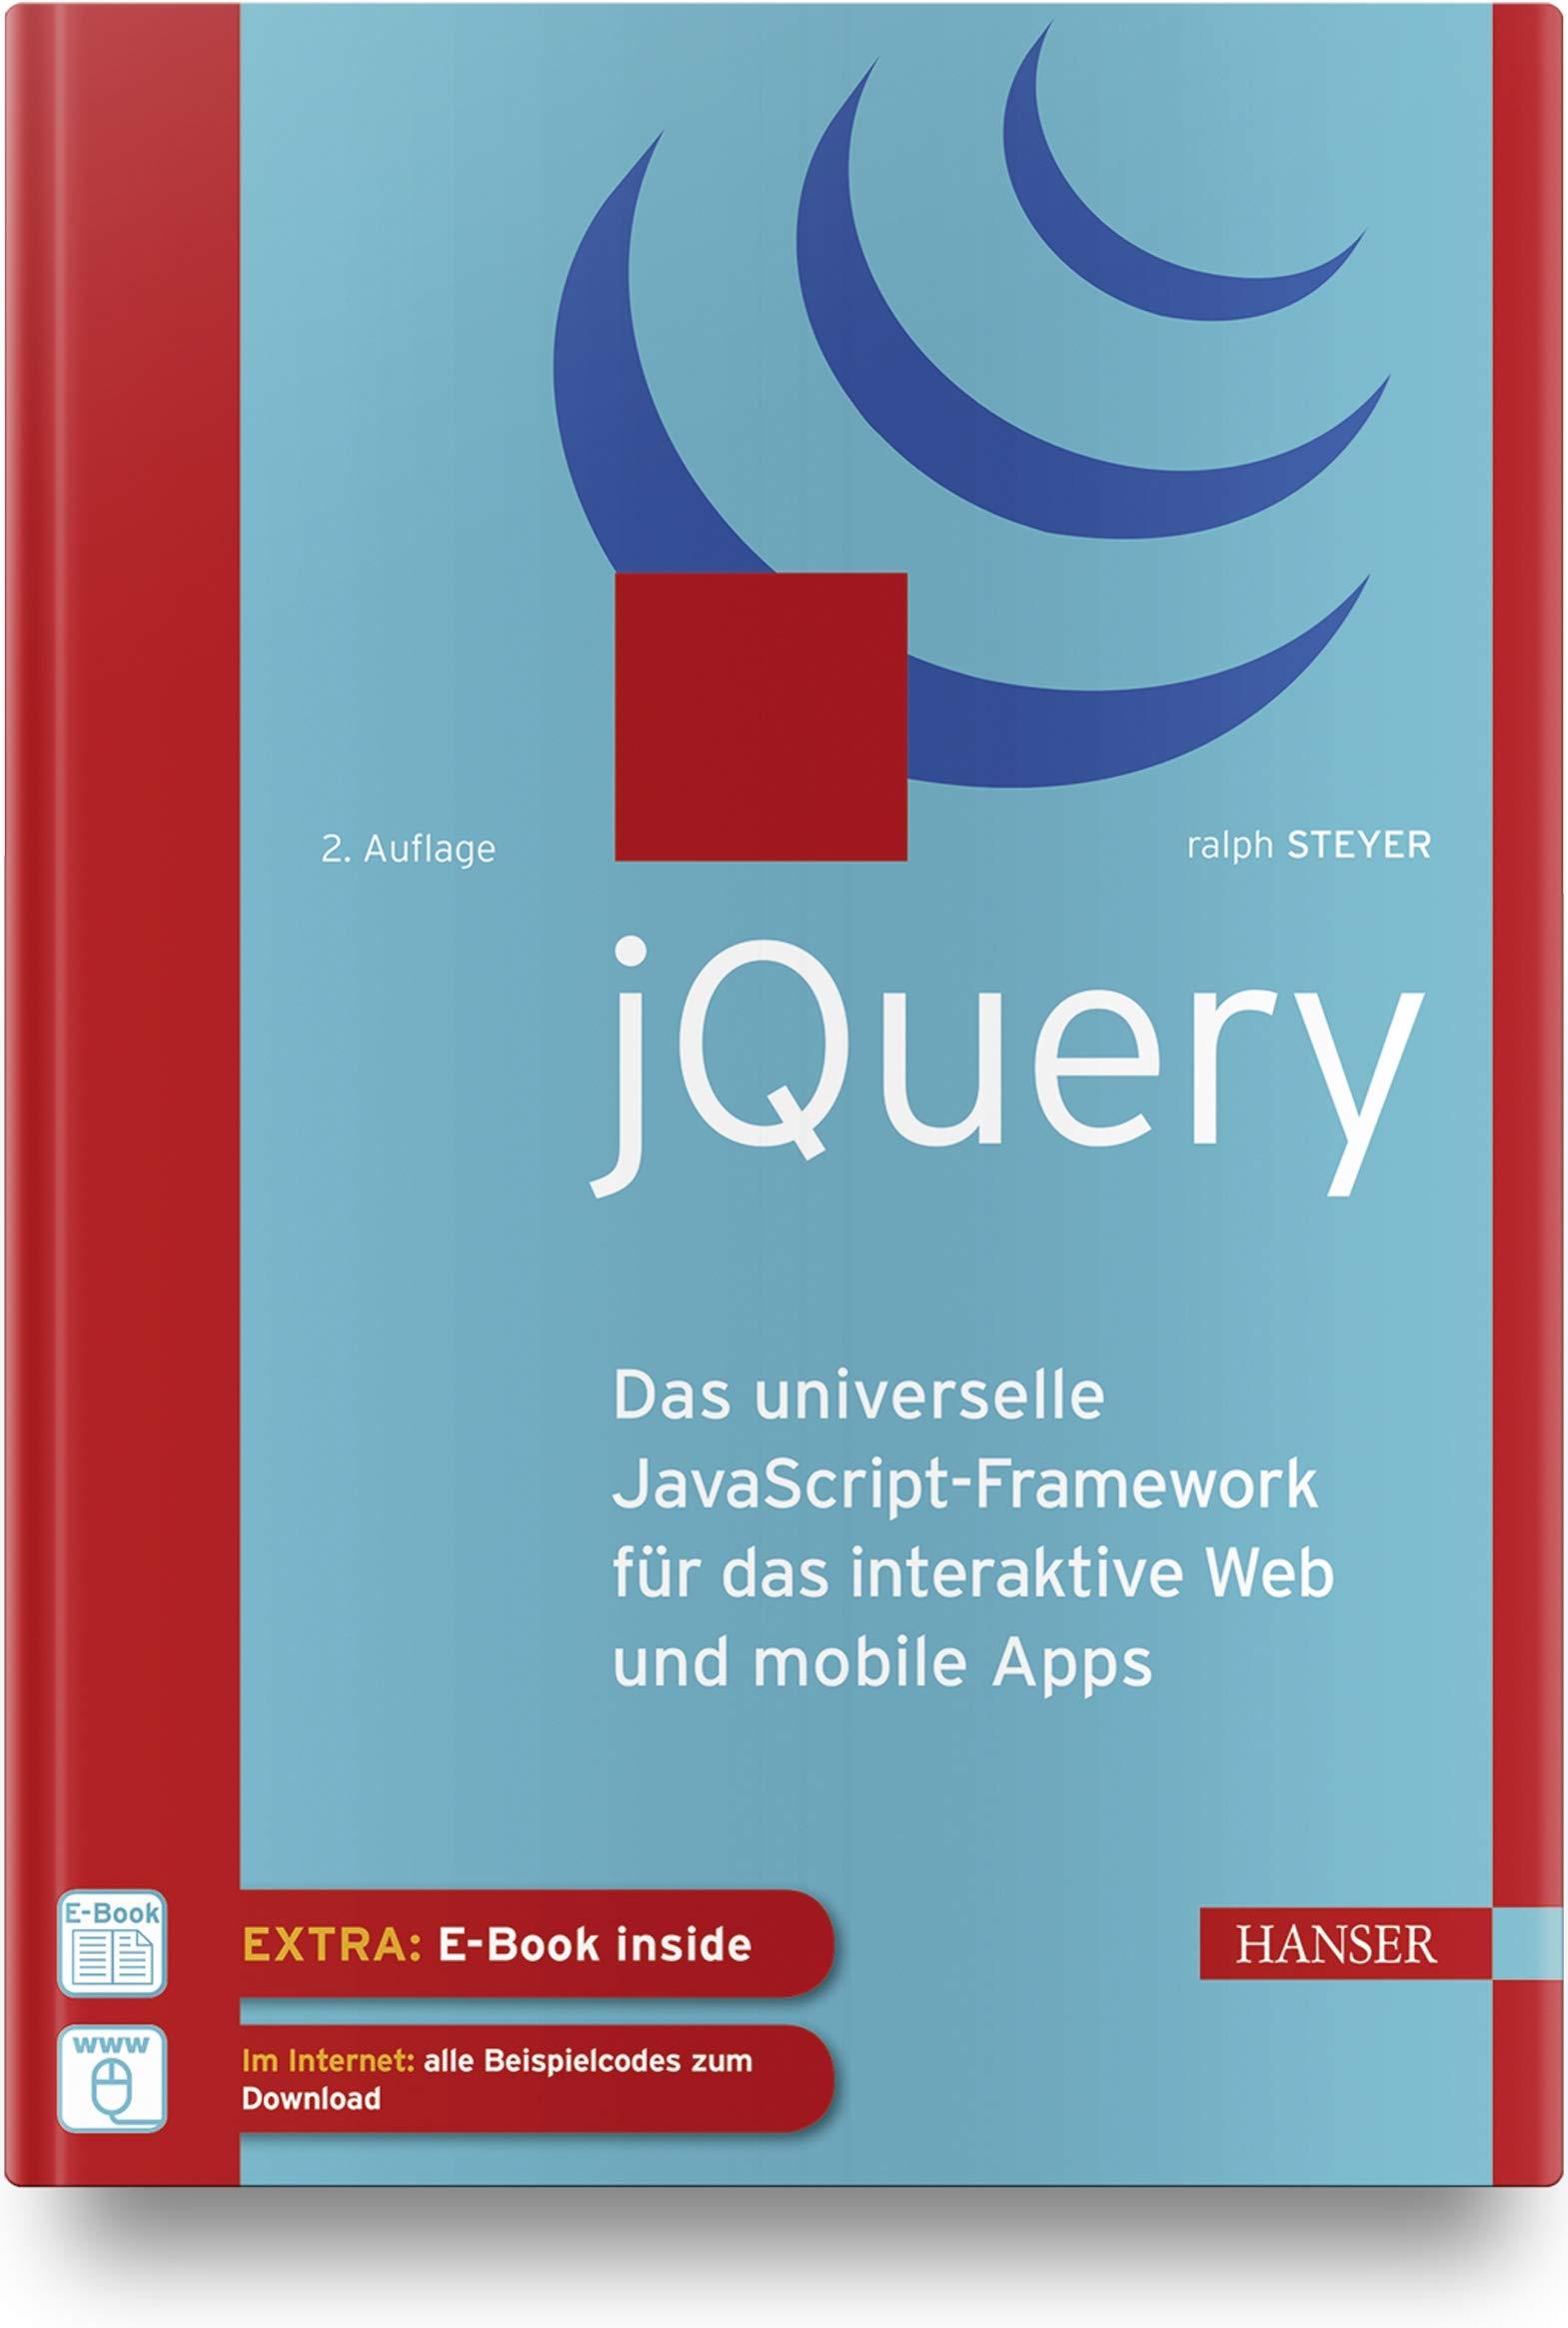 jQuery Das universelle JavaScript Framework für das interaktive ...